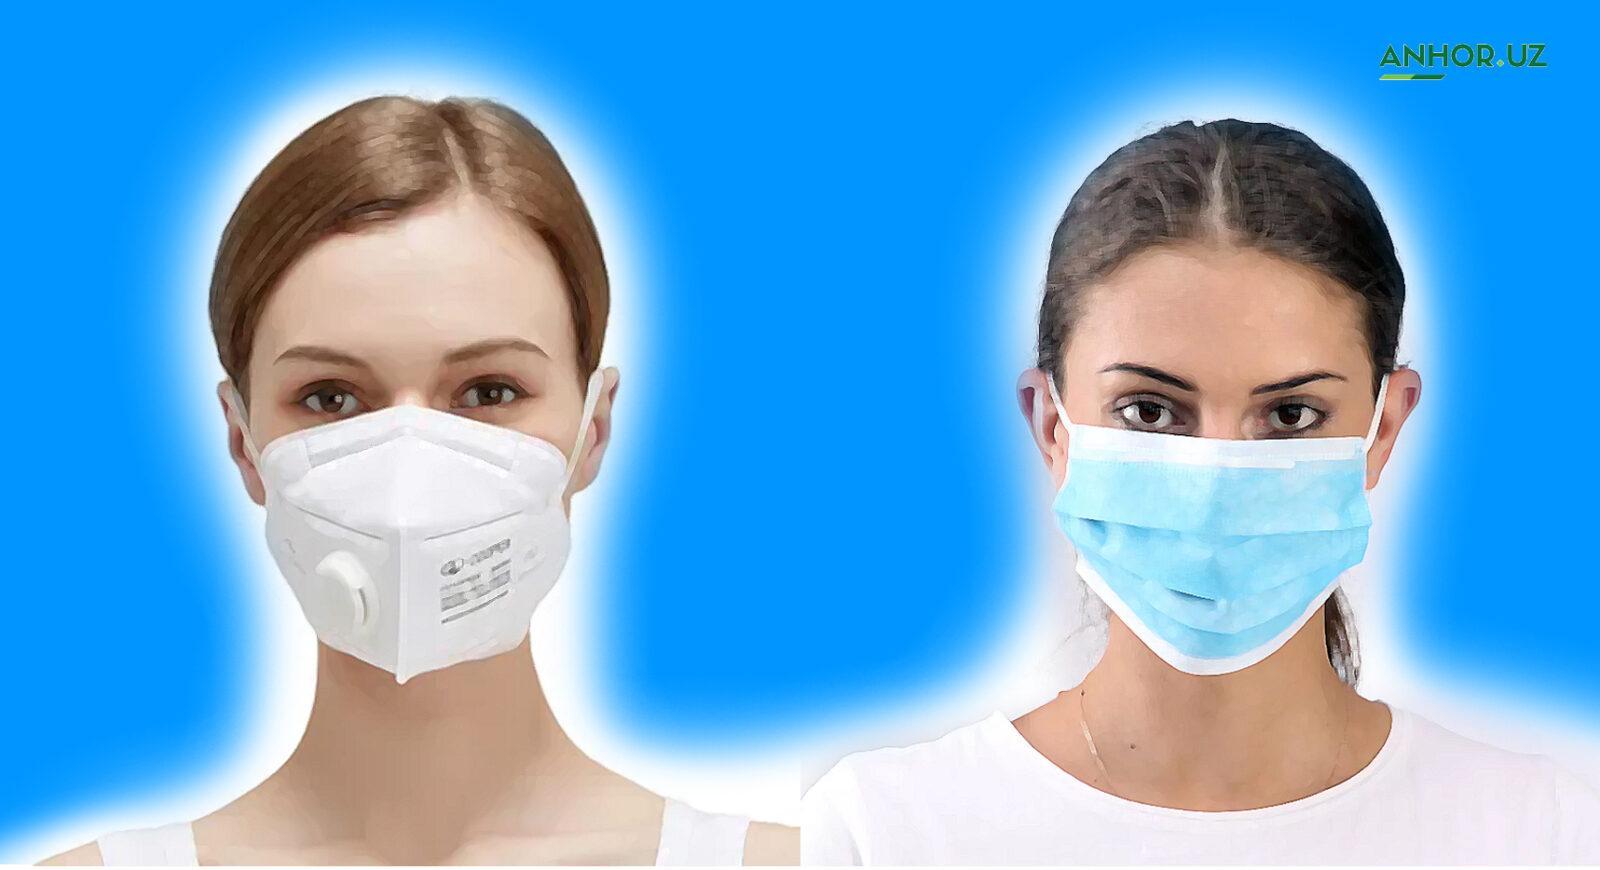 За отсутствие масок вводят штрафы. Как правильно их носить? И почему лучше масок работают респираторы? (обновлено)